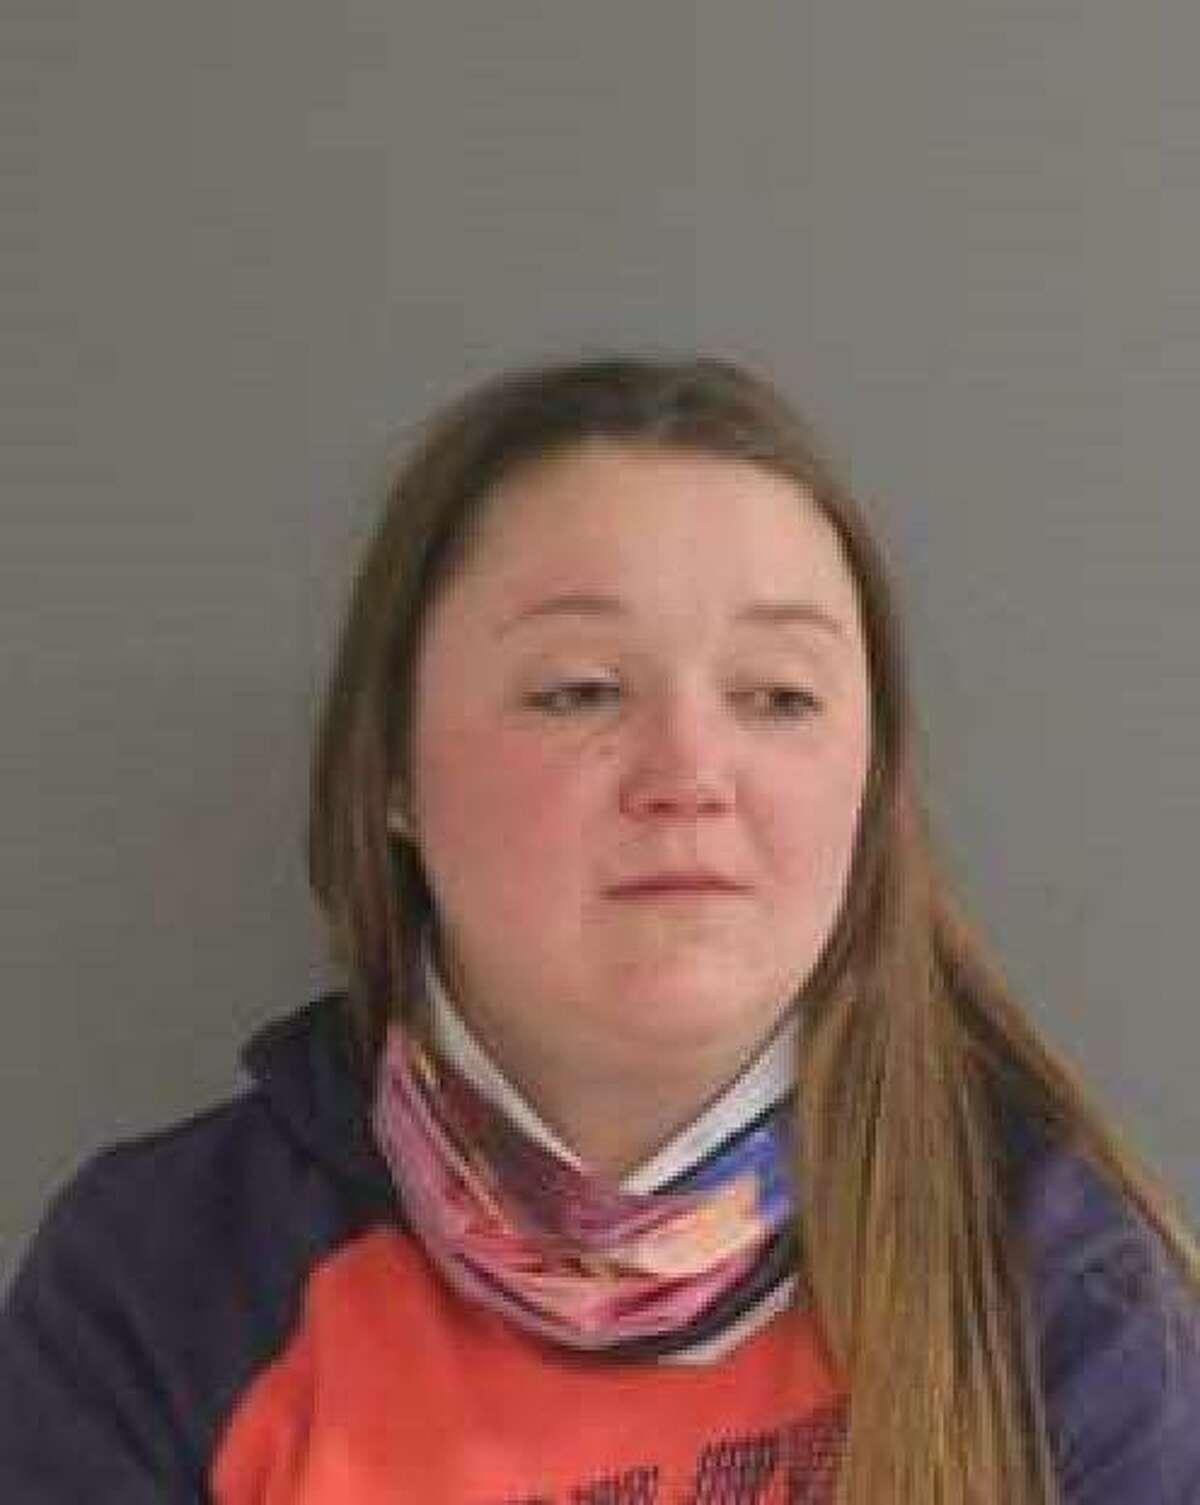 Brittany Lillian Stickman, 26, of Preston